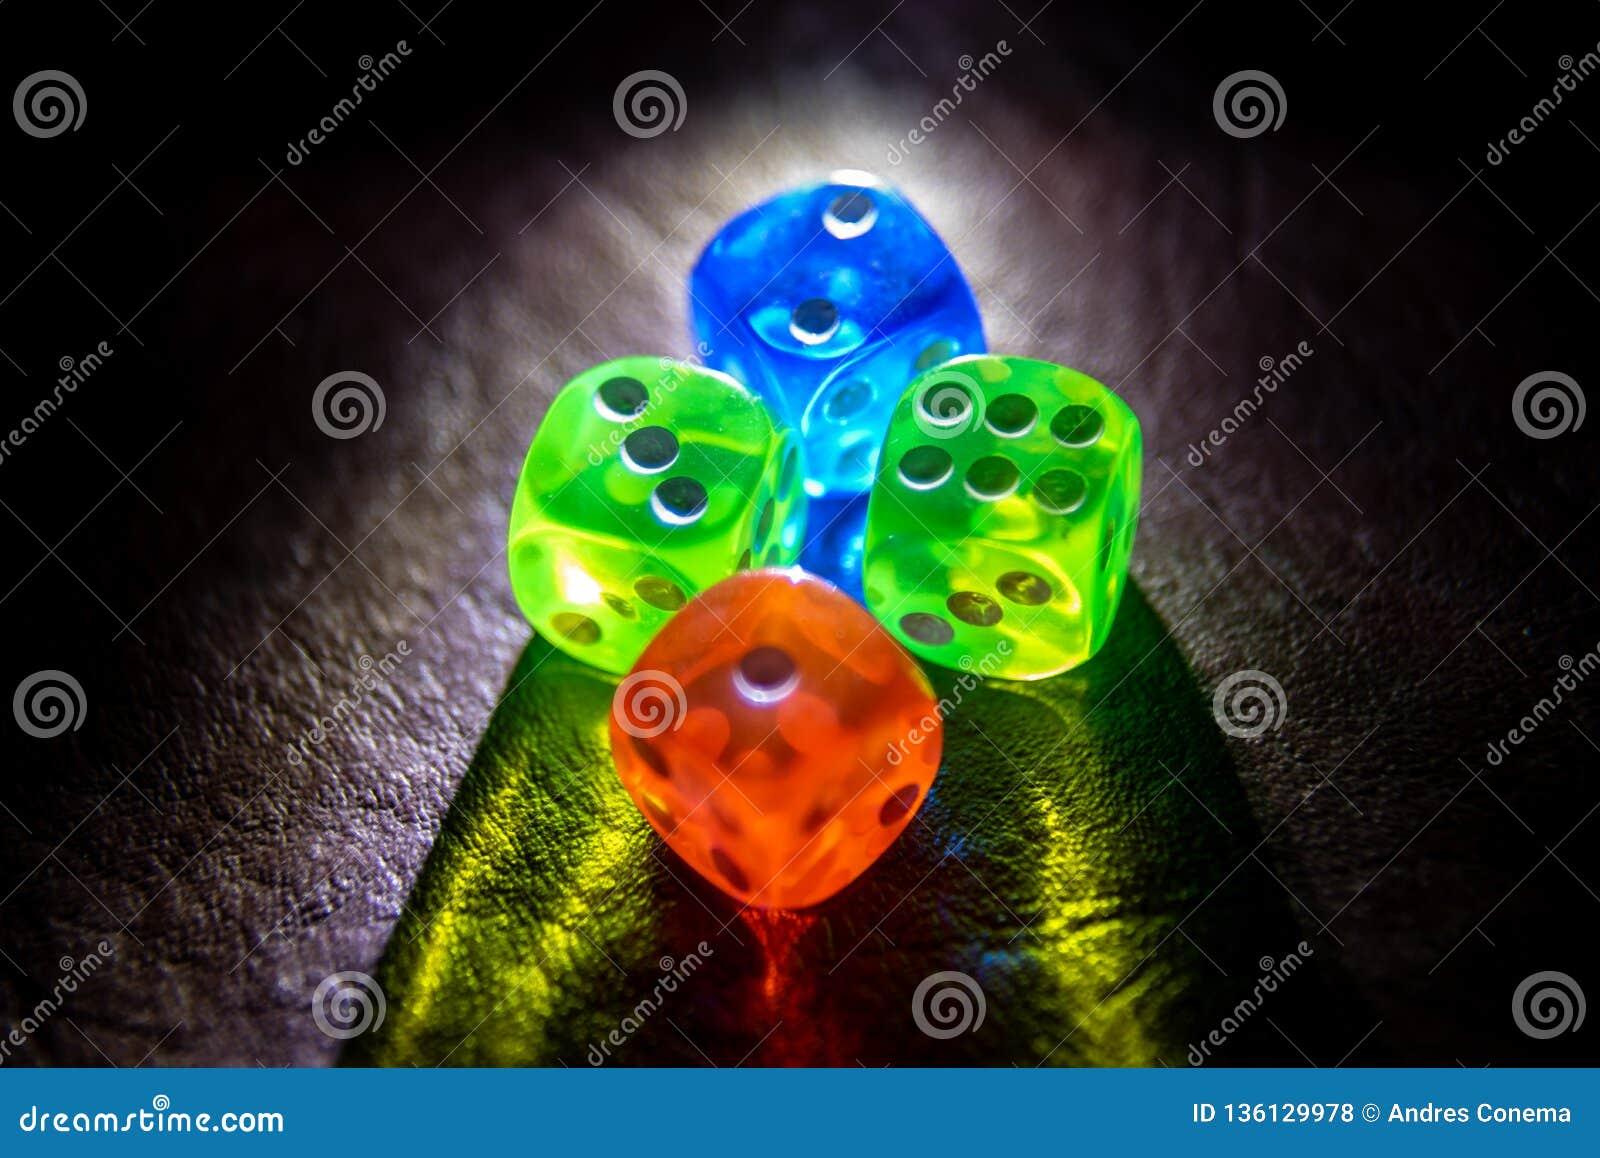 El multicolor corta shinning en cuadritos en la oscuridad por la luz suave